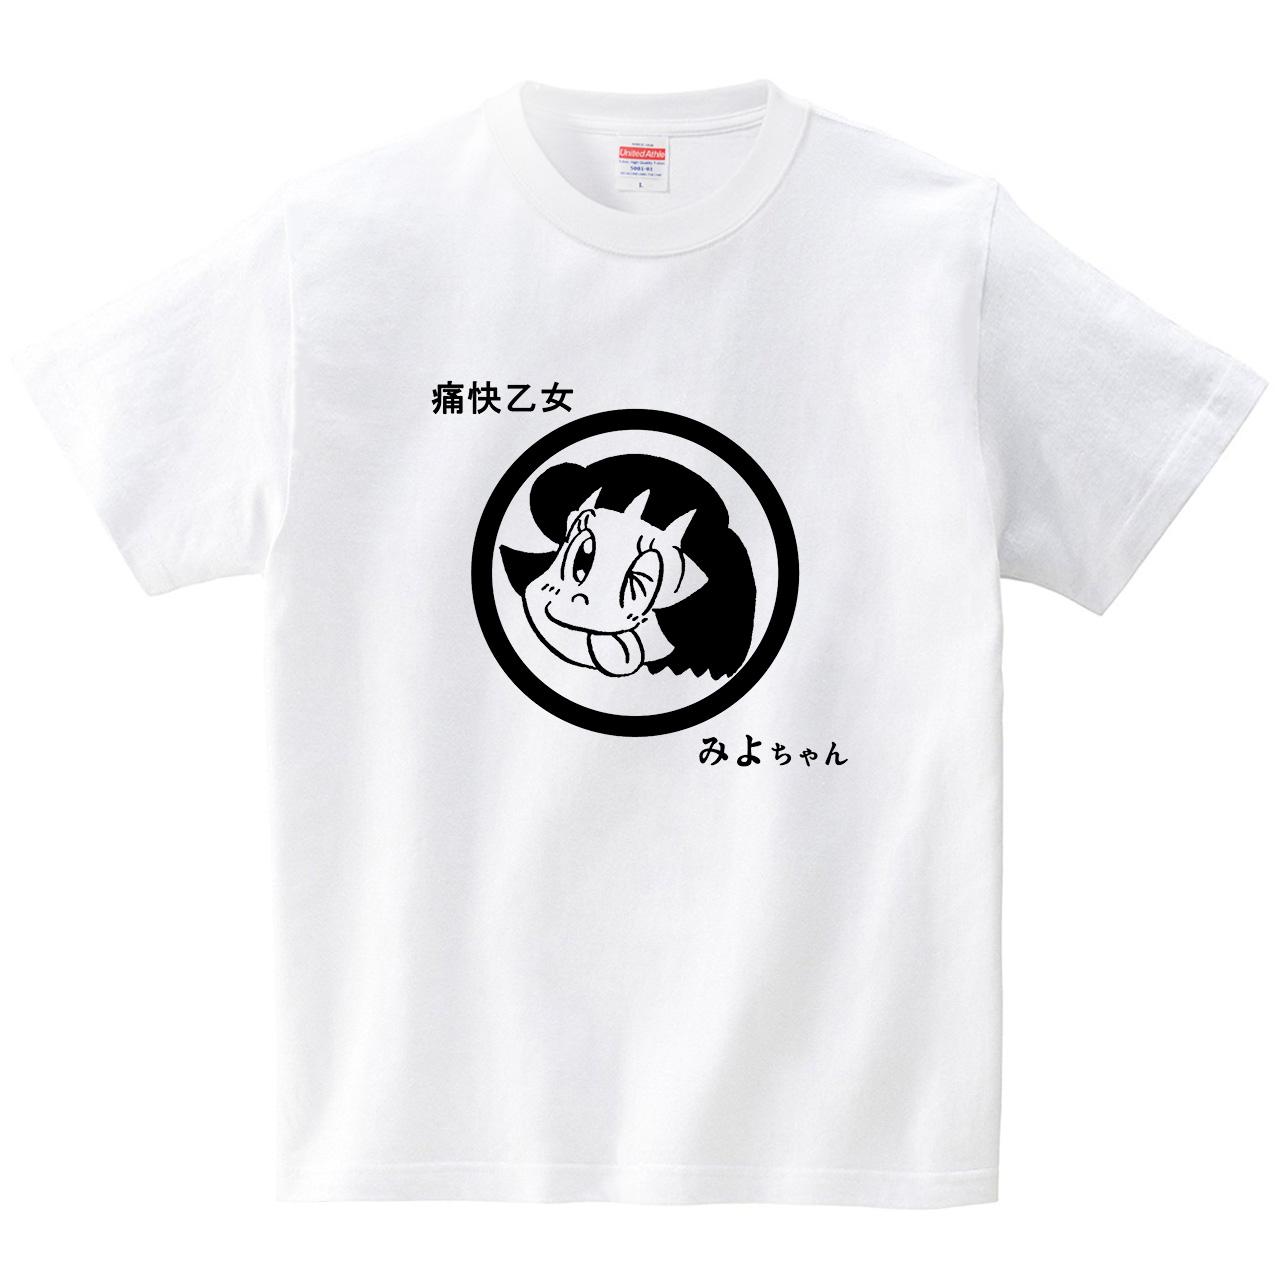 痛快乙女みよちゃん てへへみよちゃん(Tシャツ・ホワイト)(アシタモ)